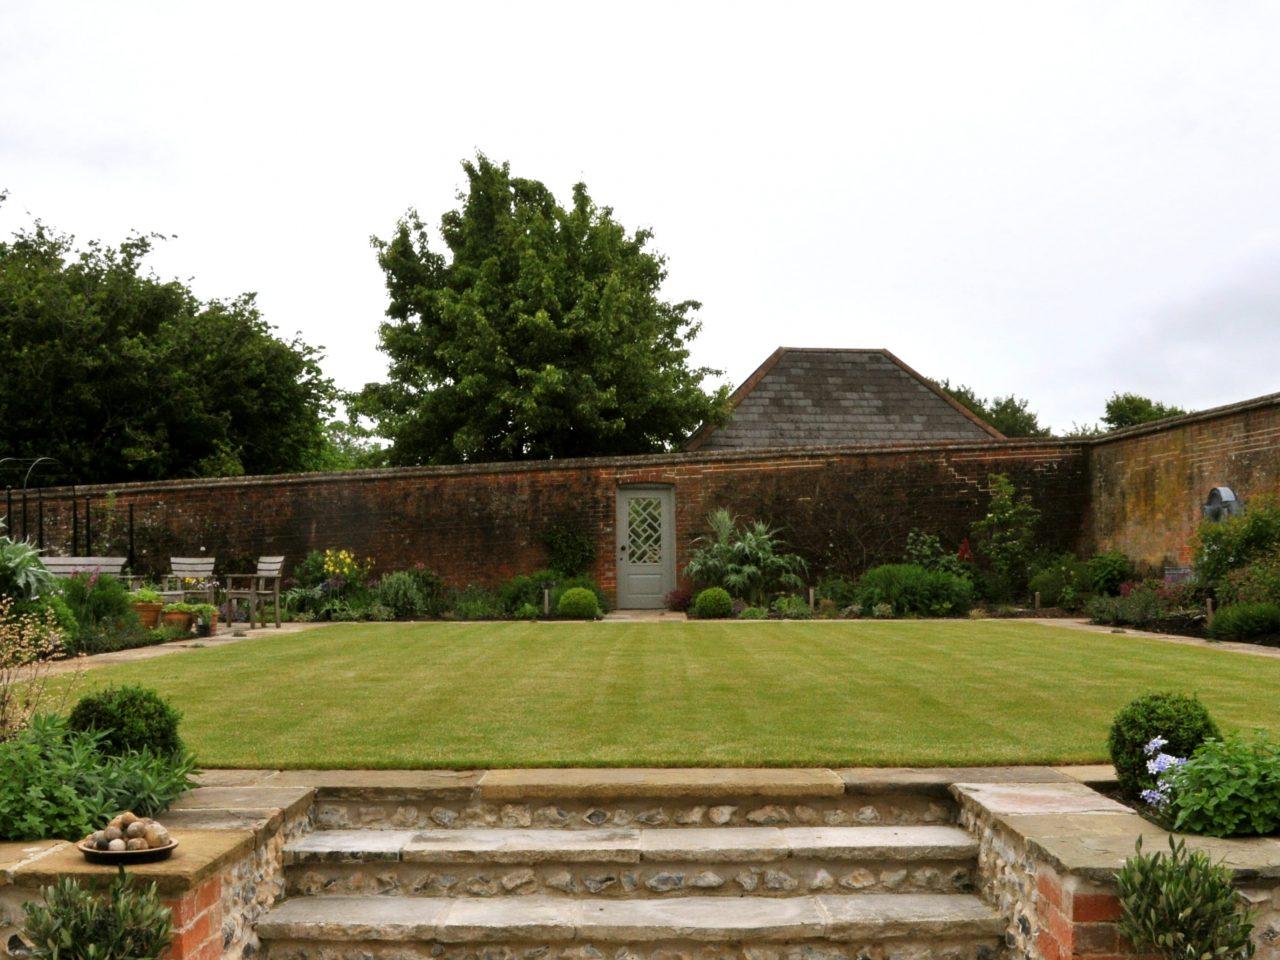 Walled Garden Central Axis